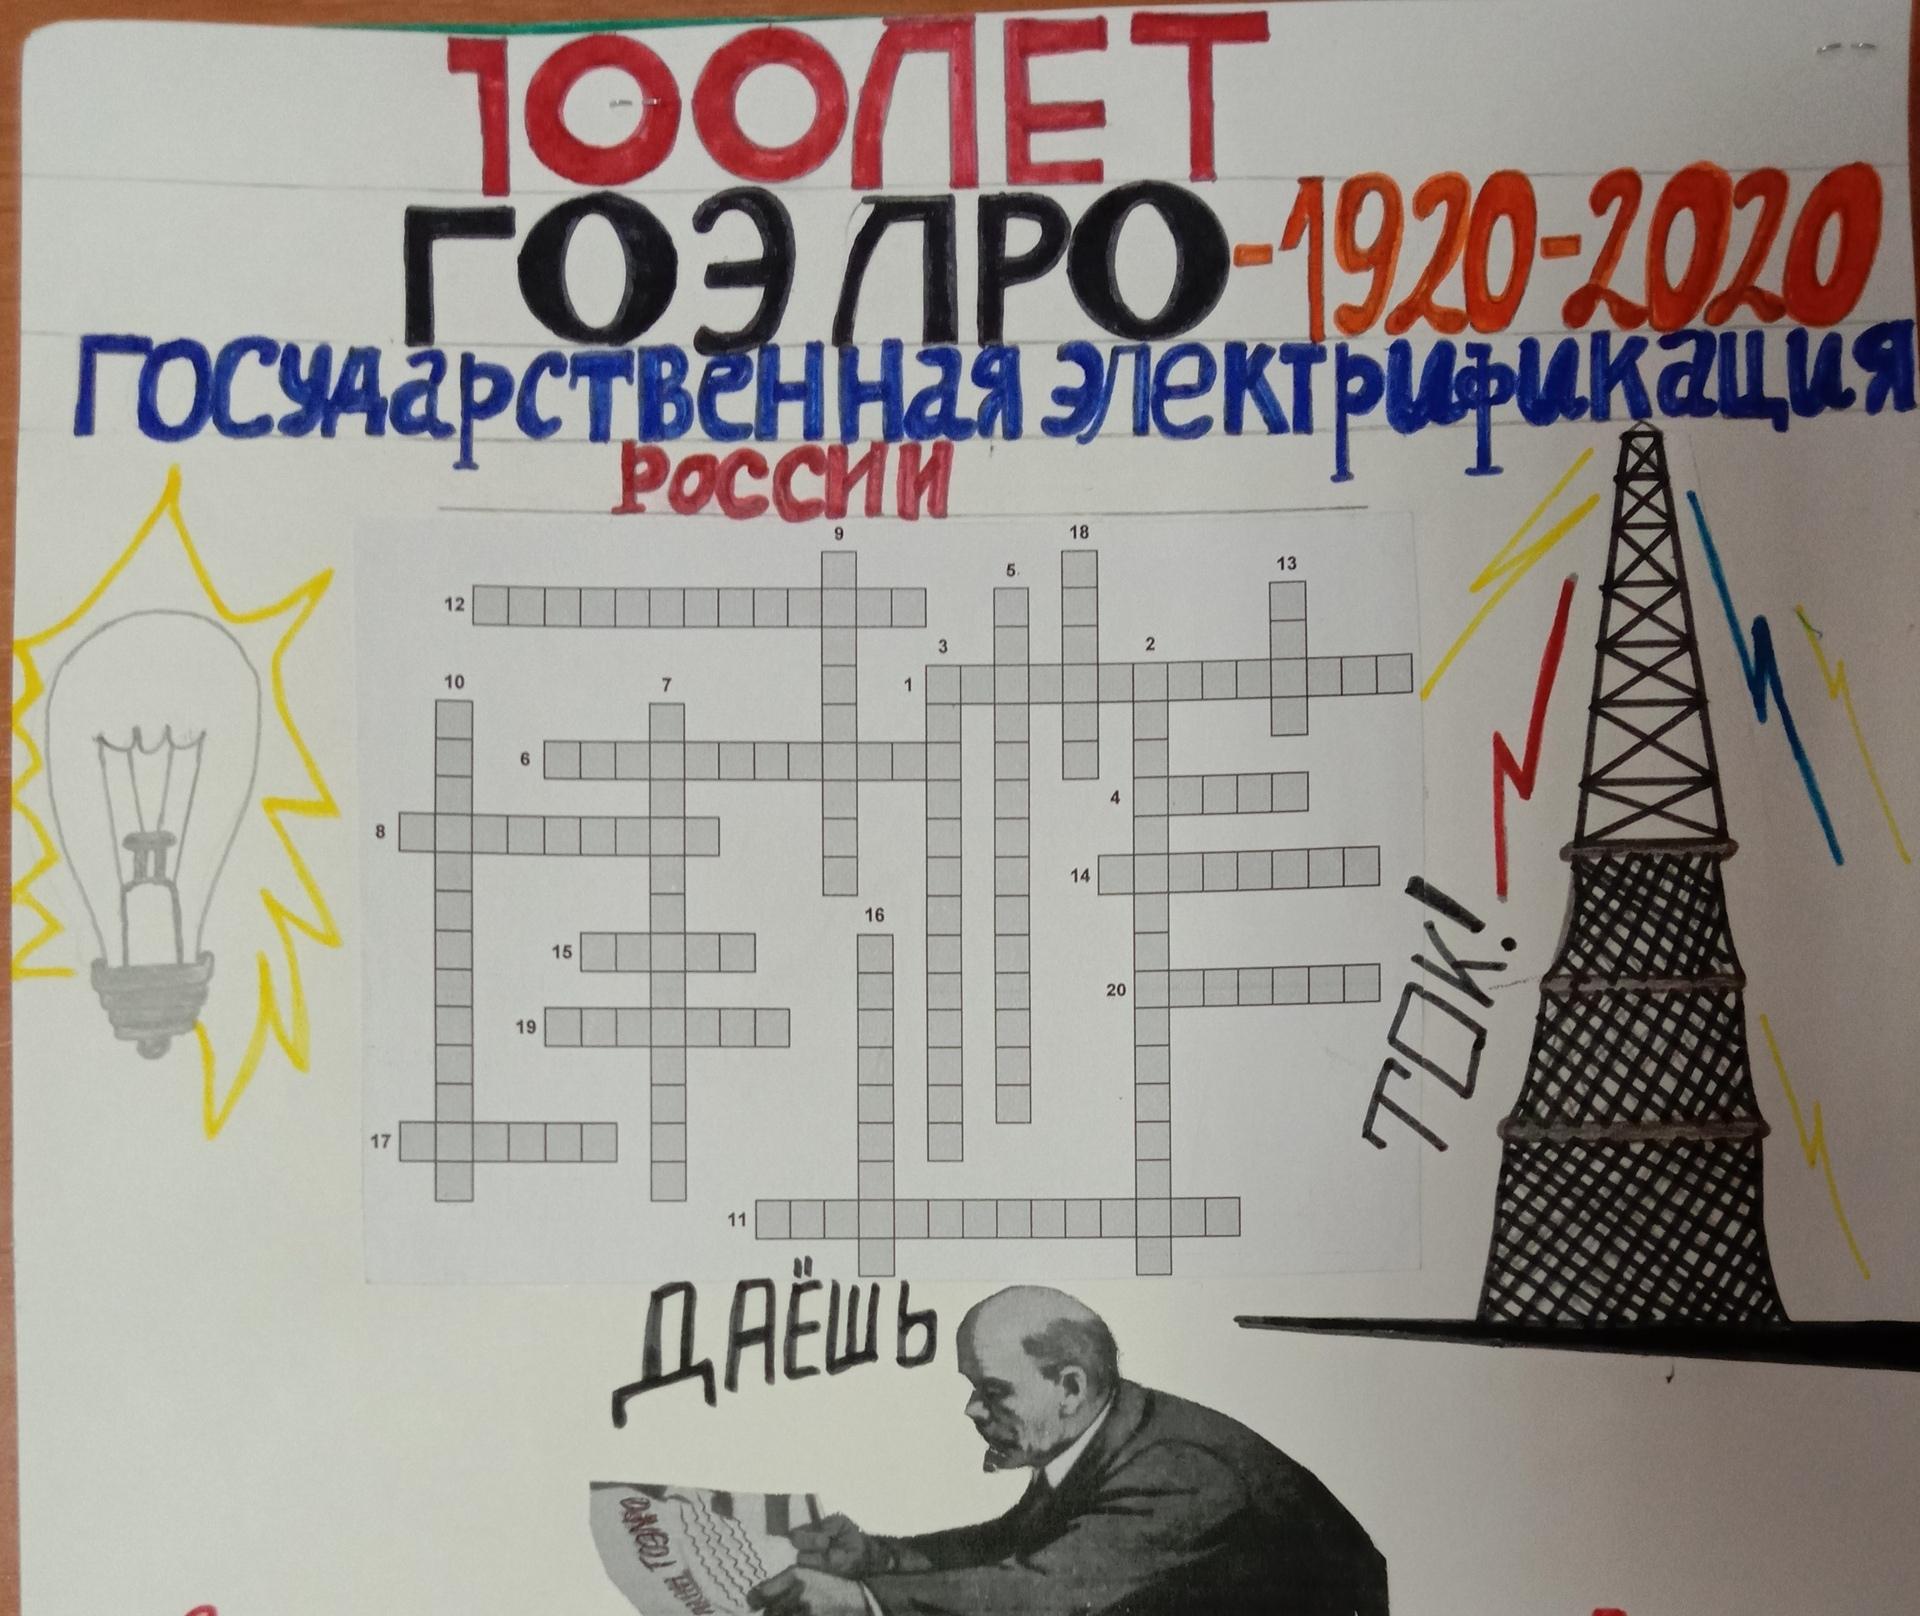 конкурс кроссвордов «100 лет ГОЭЛРО»